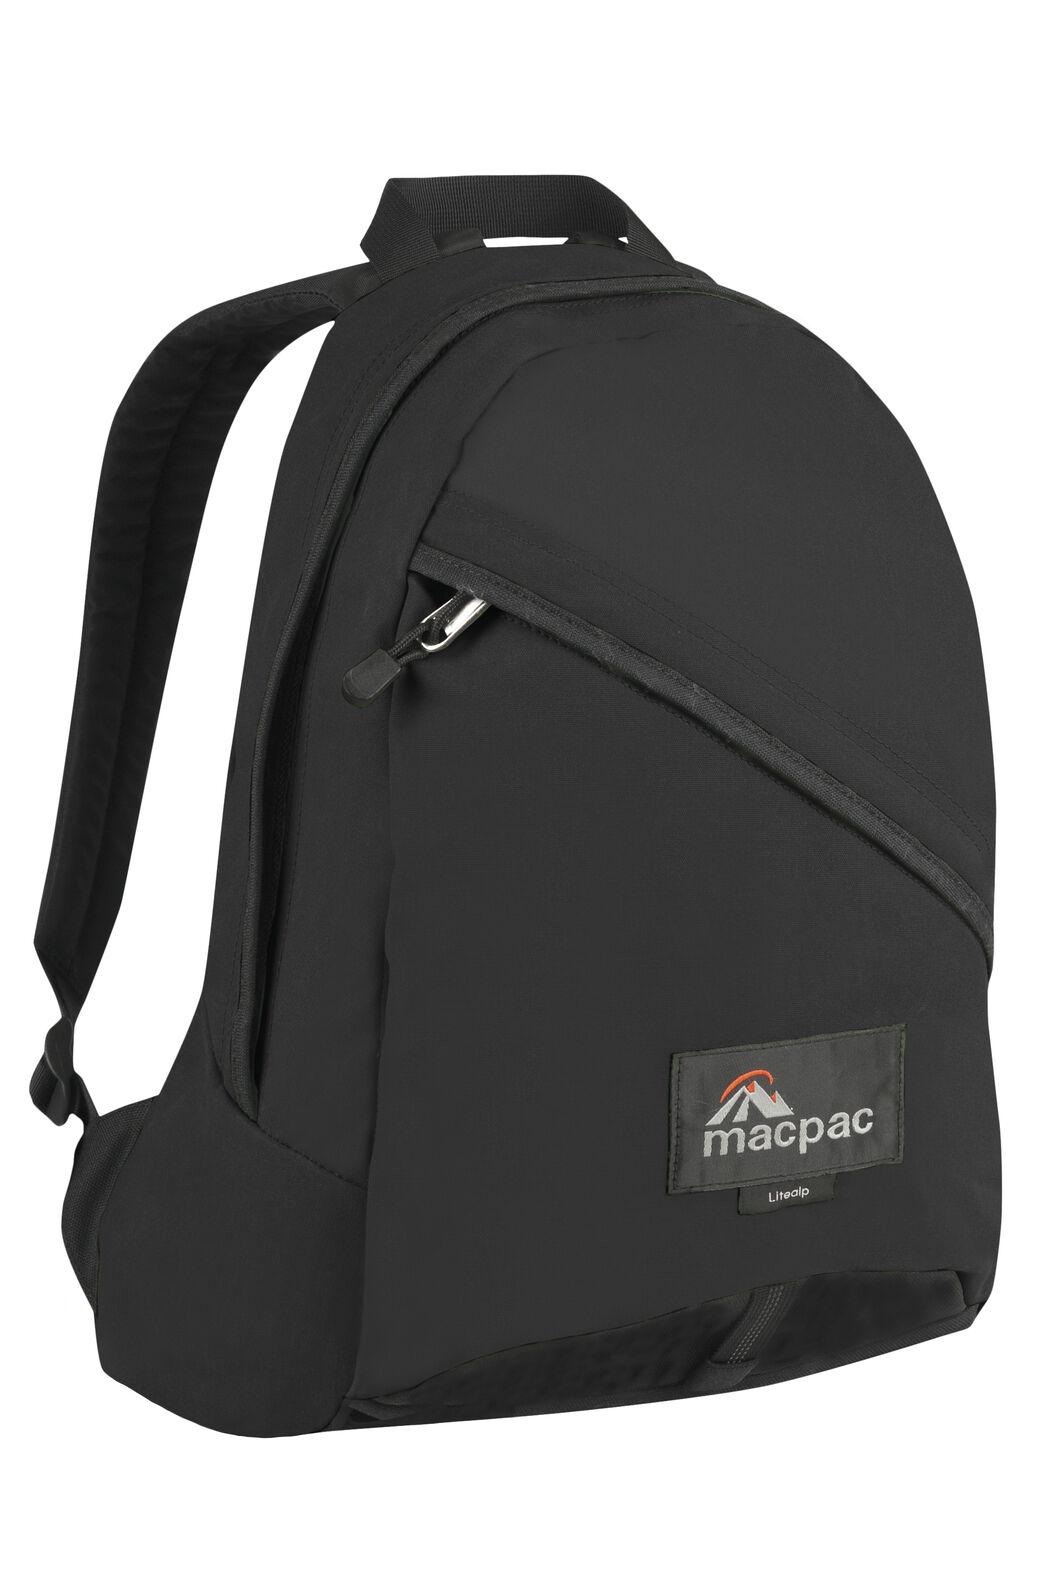 Macpac Litealp 23L AzTec® Backpack, Black, hi-res